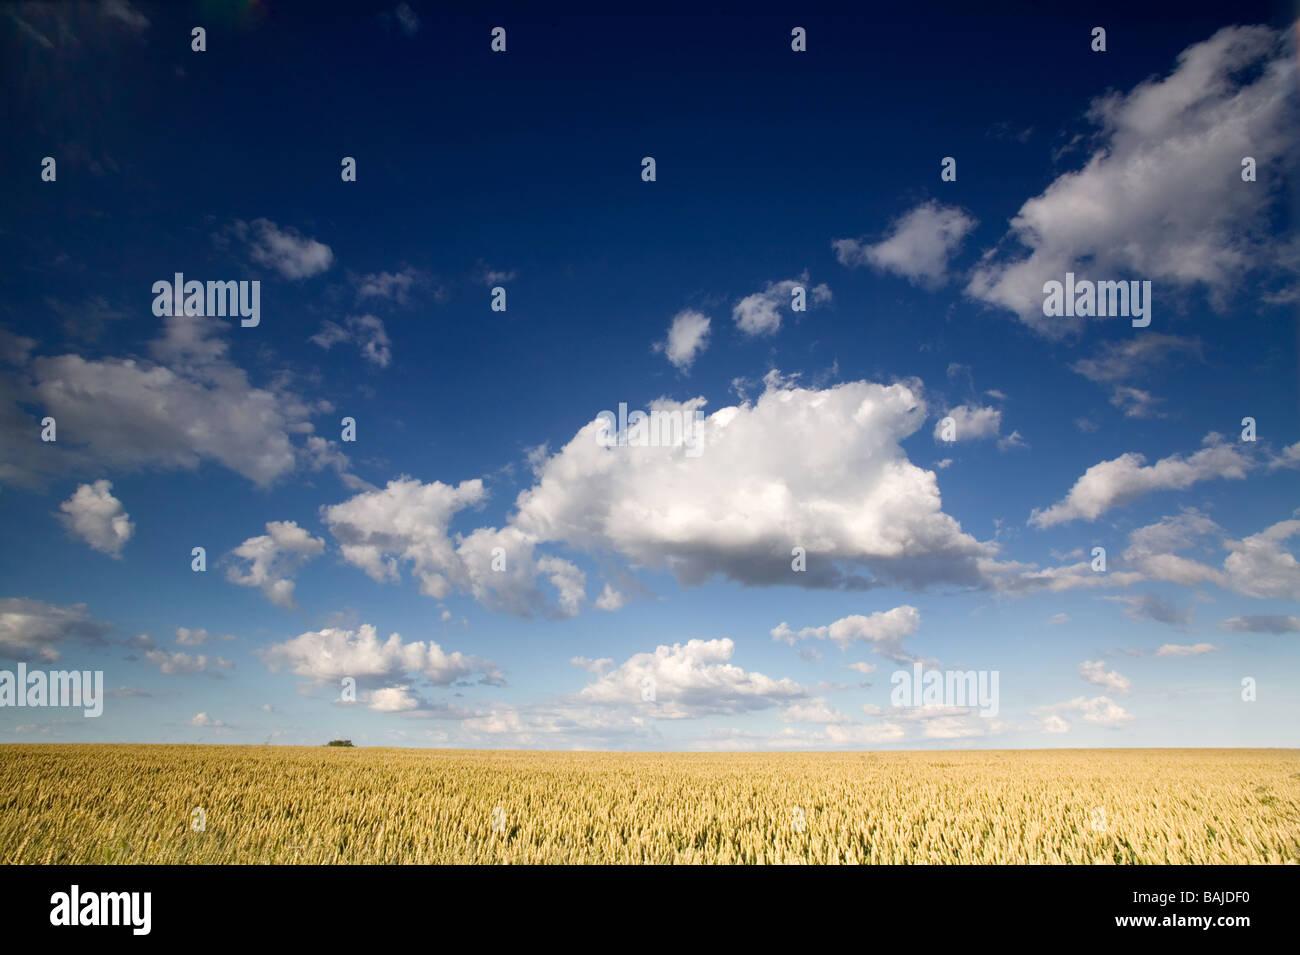 Una vista di un paesaggio agricolo oltre il campo di grano con cielo blu e bianco delle nuvole flffy in altezza Immagini Stock